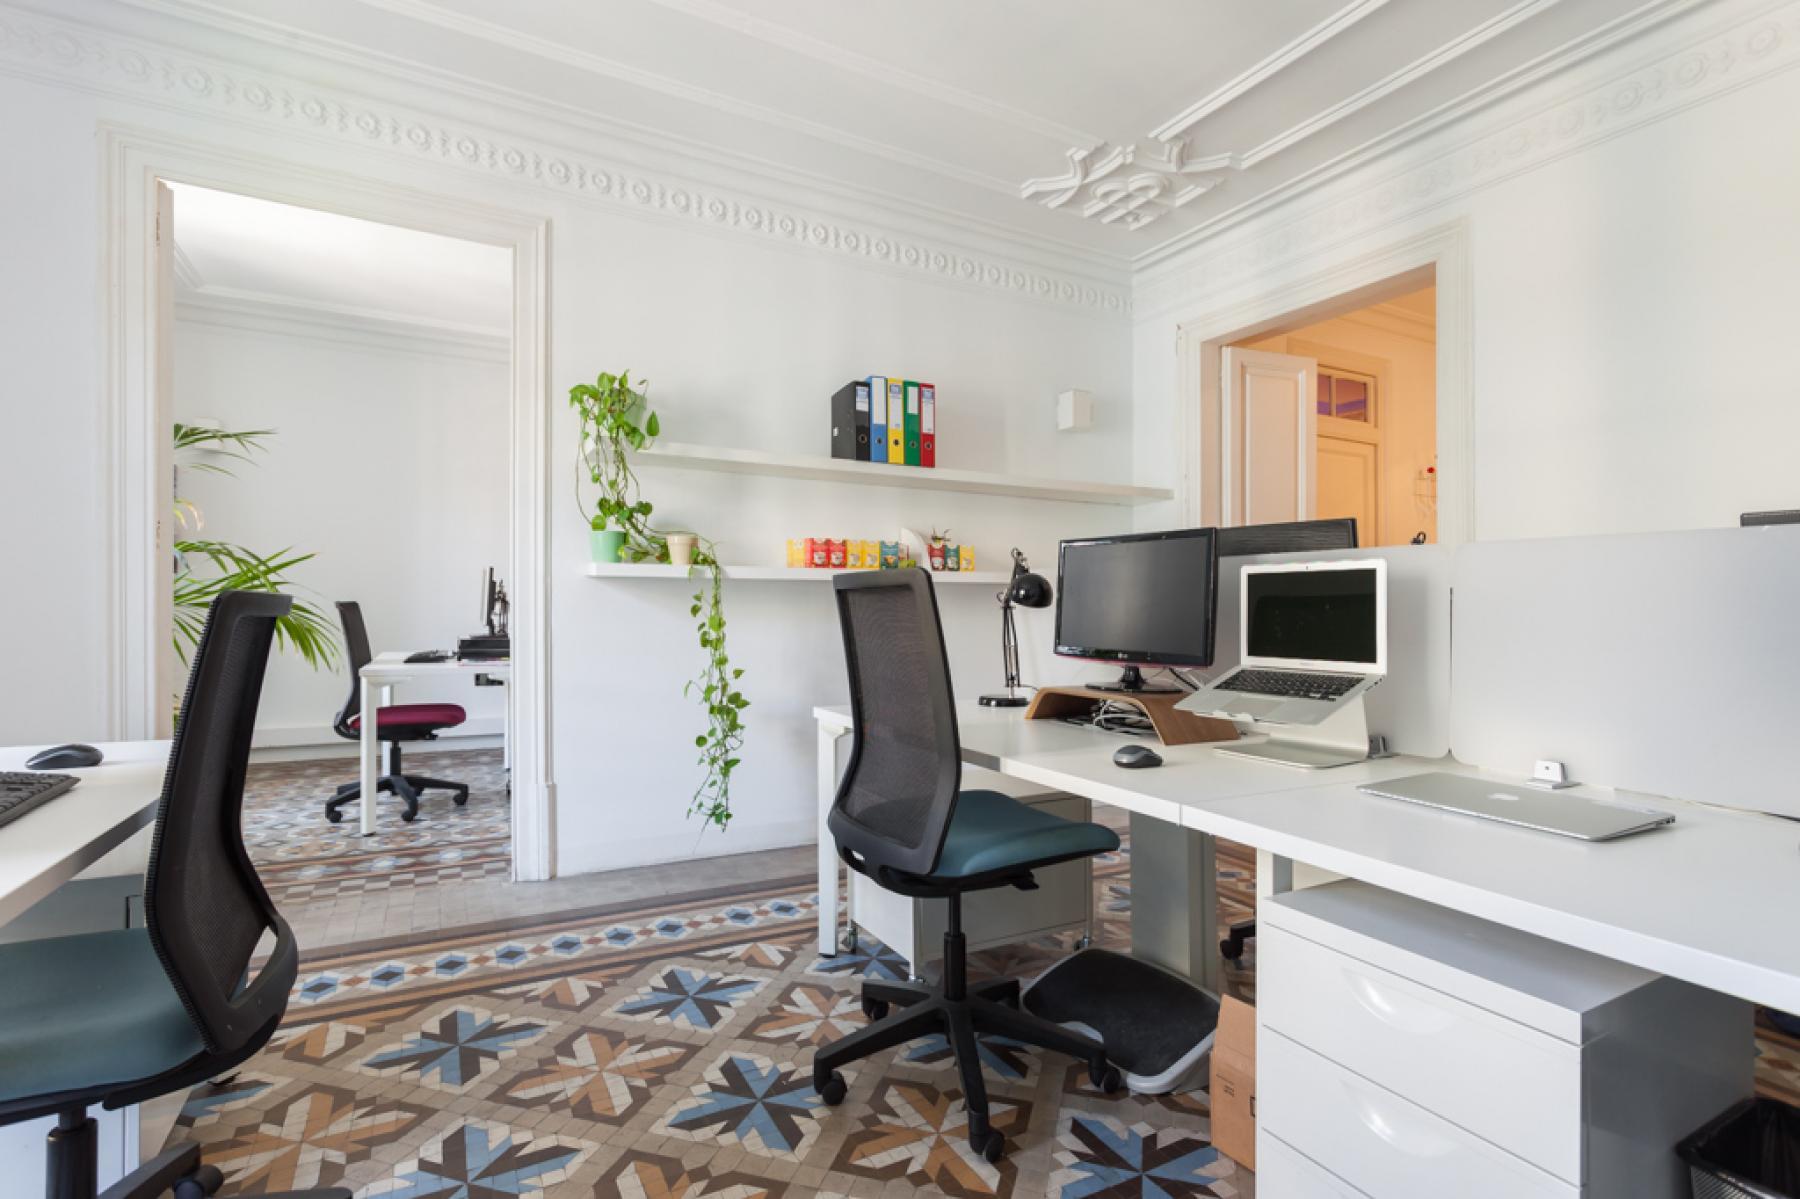 Alquilar oficinas Rambla de Catalunya 125, 3º, 2ª 125, Barcelona (12)